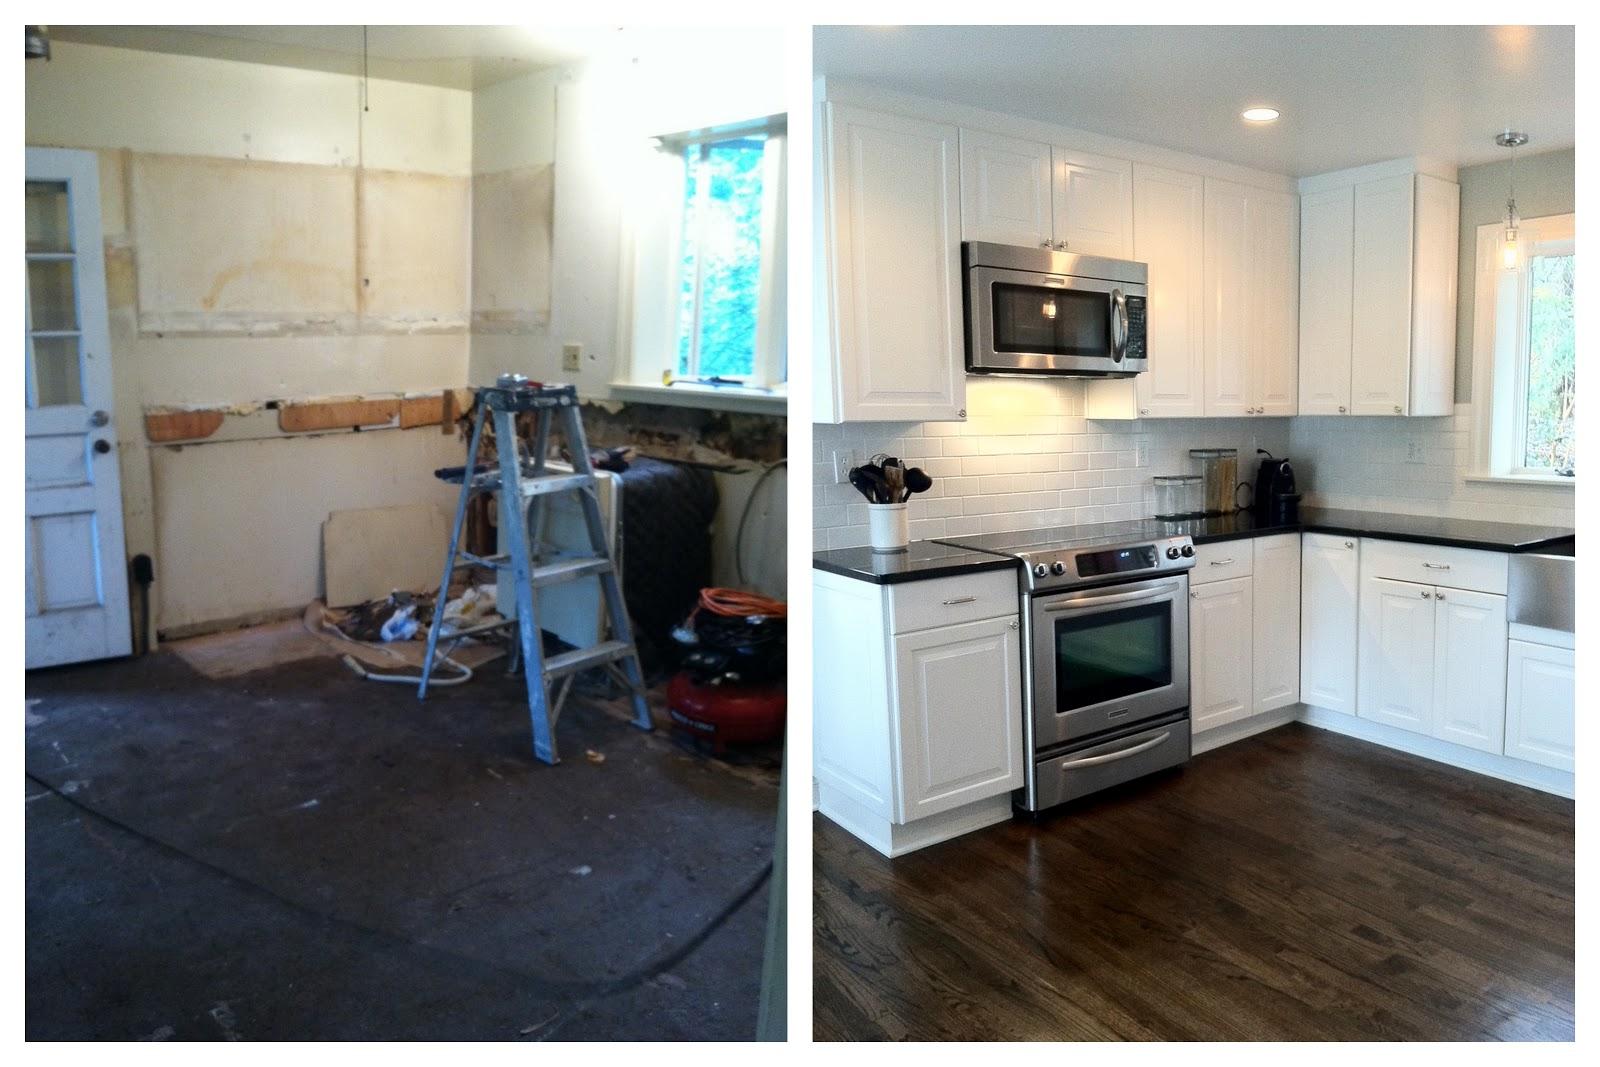 ikea kitchen renovation part 1 ikea kitchen remodel Ikea Kitchen Renovation Part 1